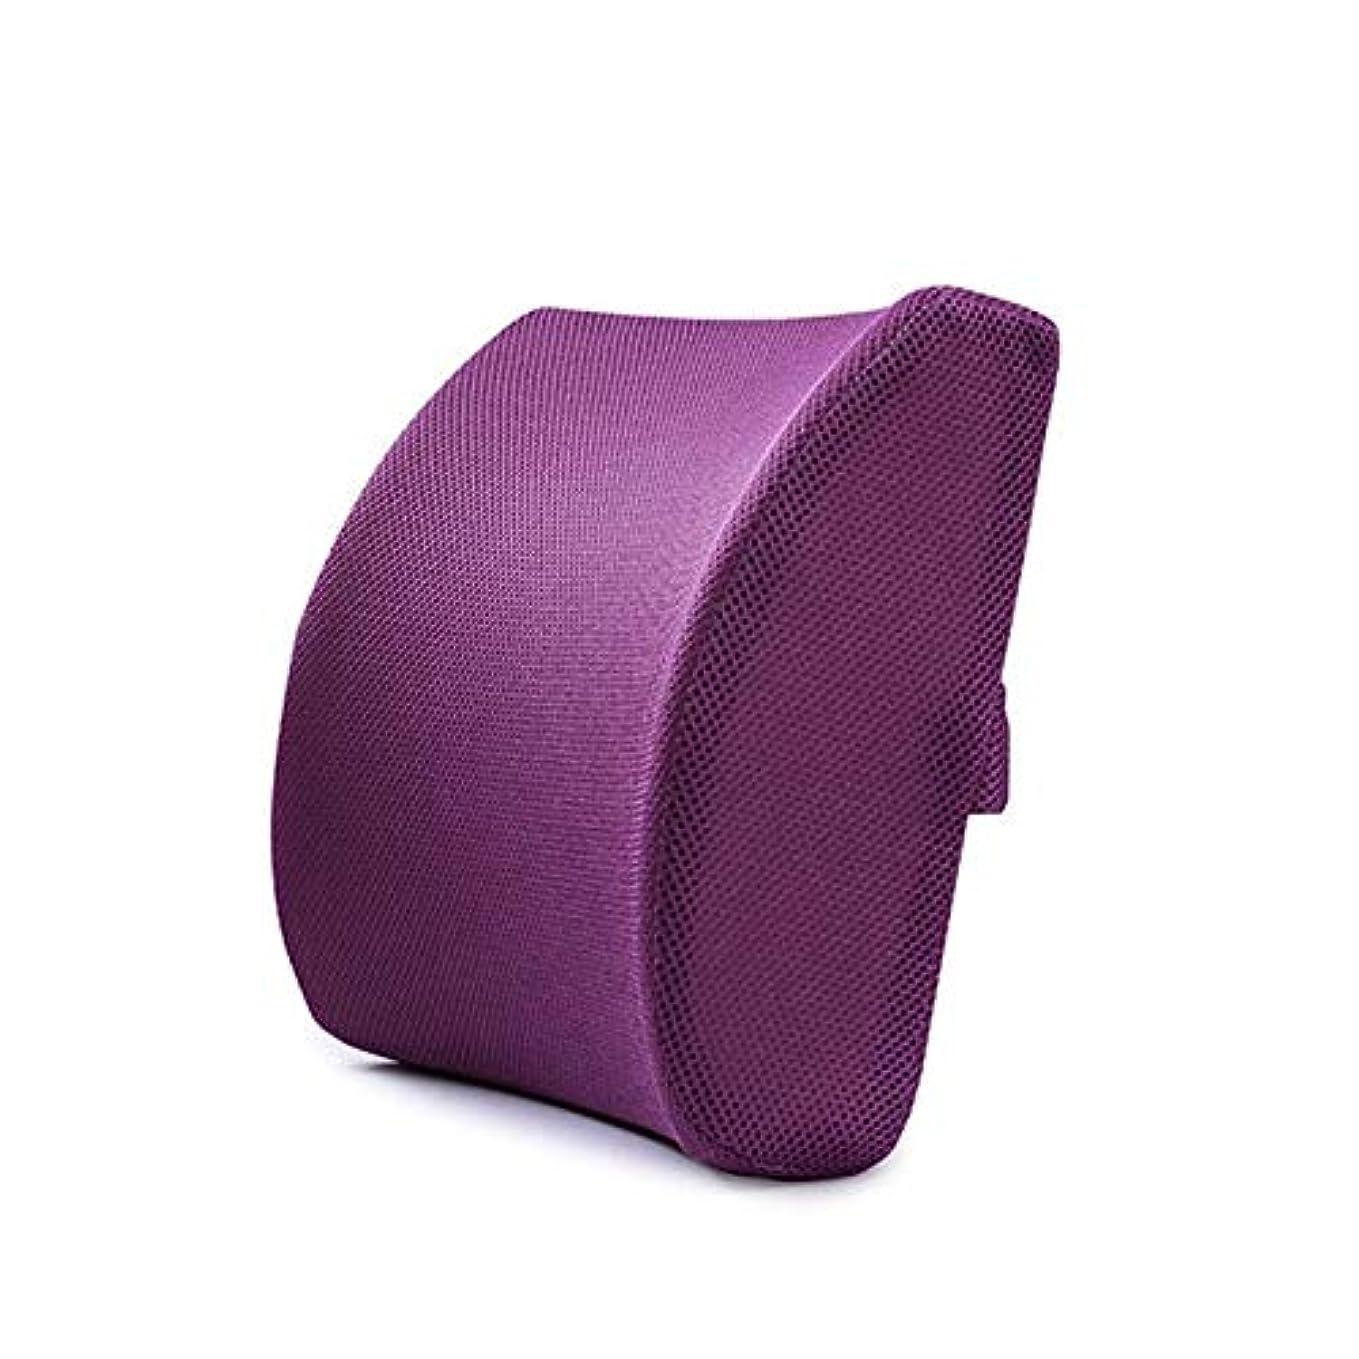 着替える分析的な謝罪するLIFE ホームオフィス背もたれ椅子腰椎クッションカーシートネック枕 3D 低反発サポートバックマッサージウエストレスリビング枕 クッション 椅子